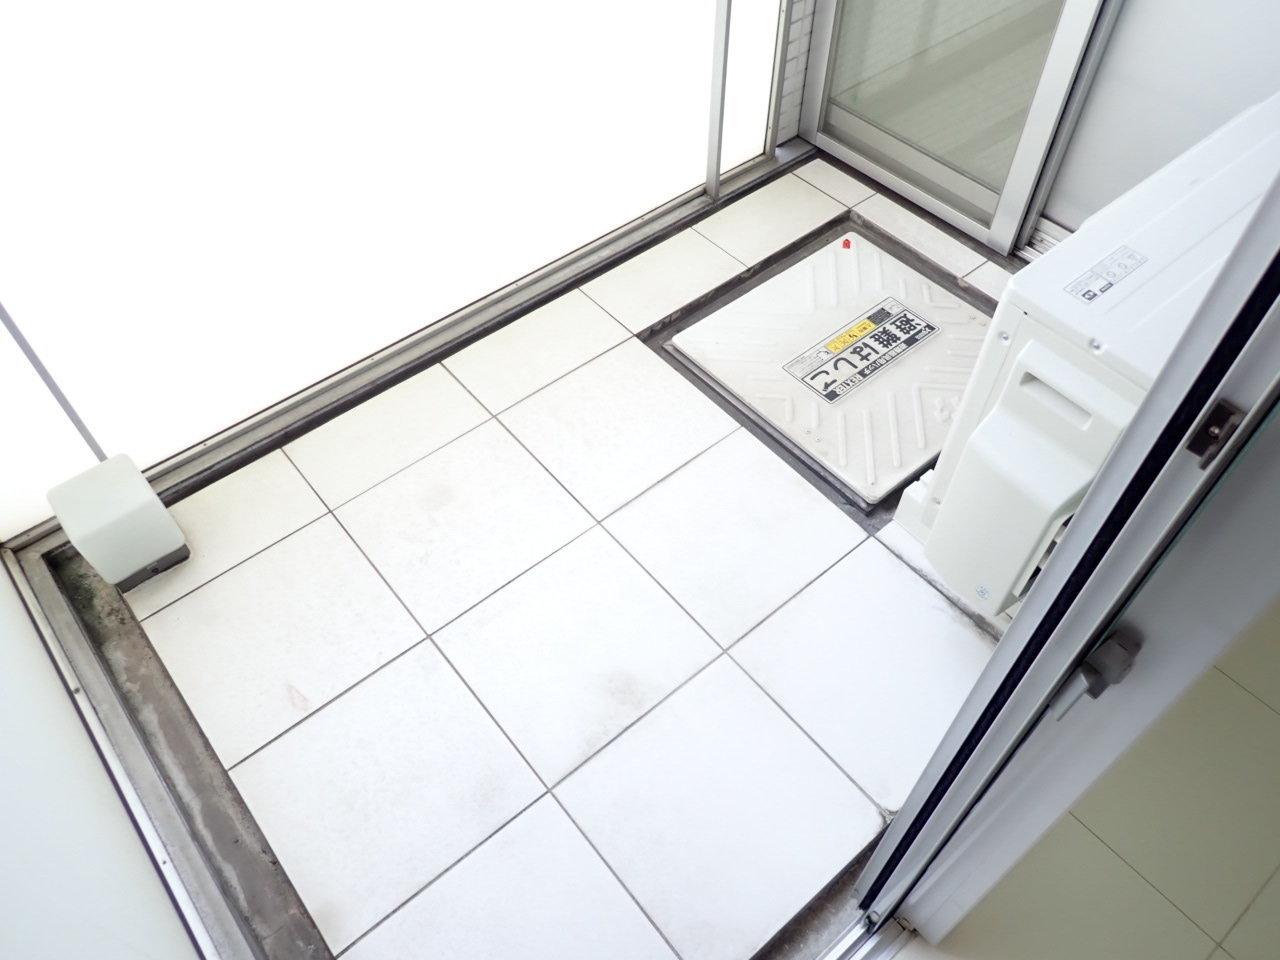 リビングと洋室から行けるベランダは、正方形のような形をしていて広さがあります。たくさんの洗濯物や、布団、ちょっとした植物を育てることもできますよ。